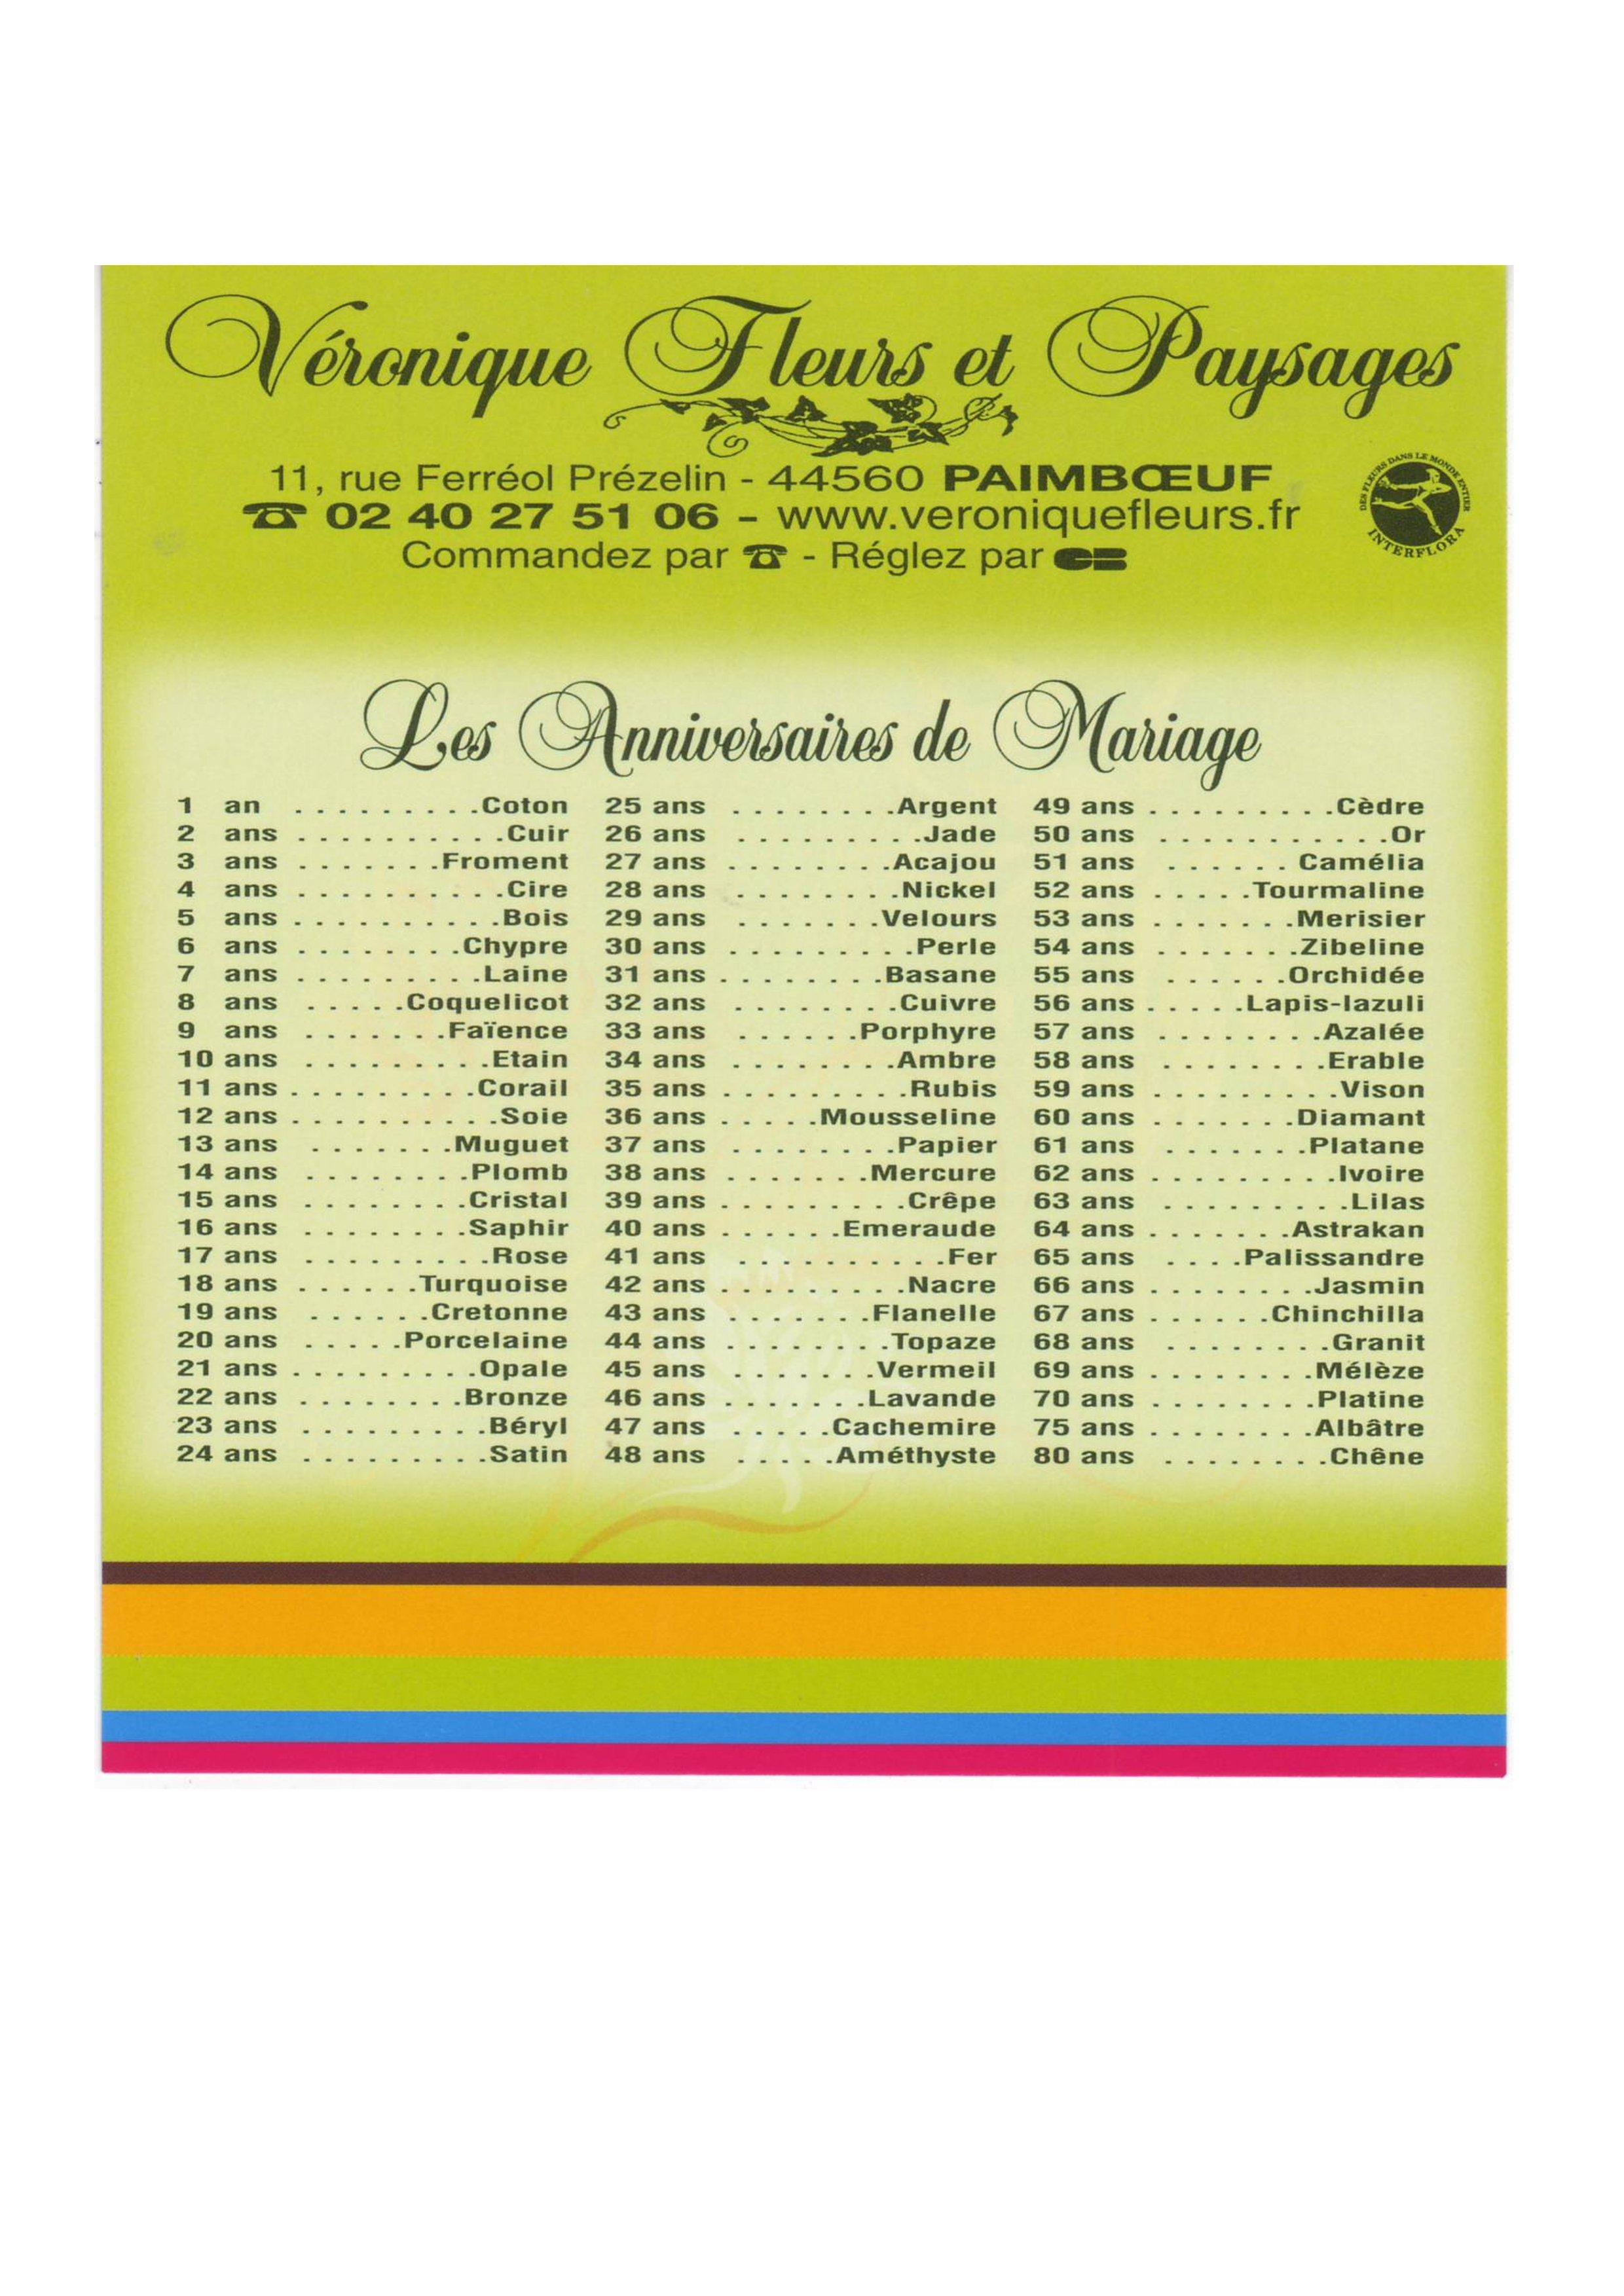 Berühmt Calendrier des noces de mariage - film de mariage OB64